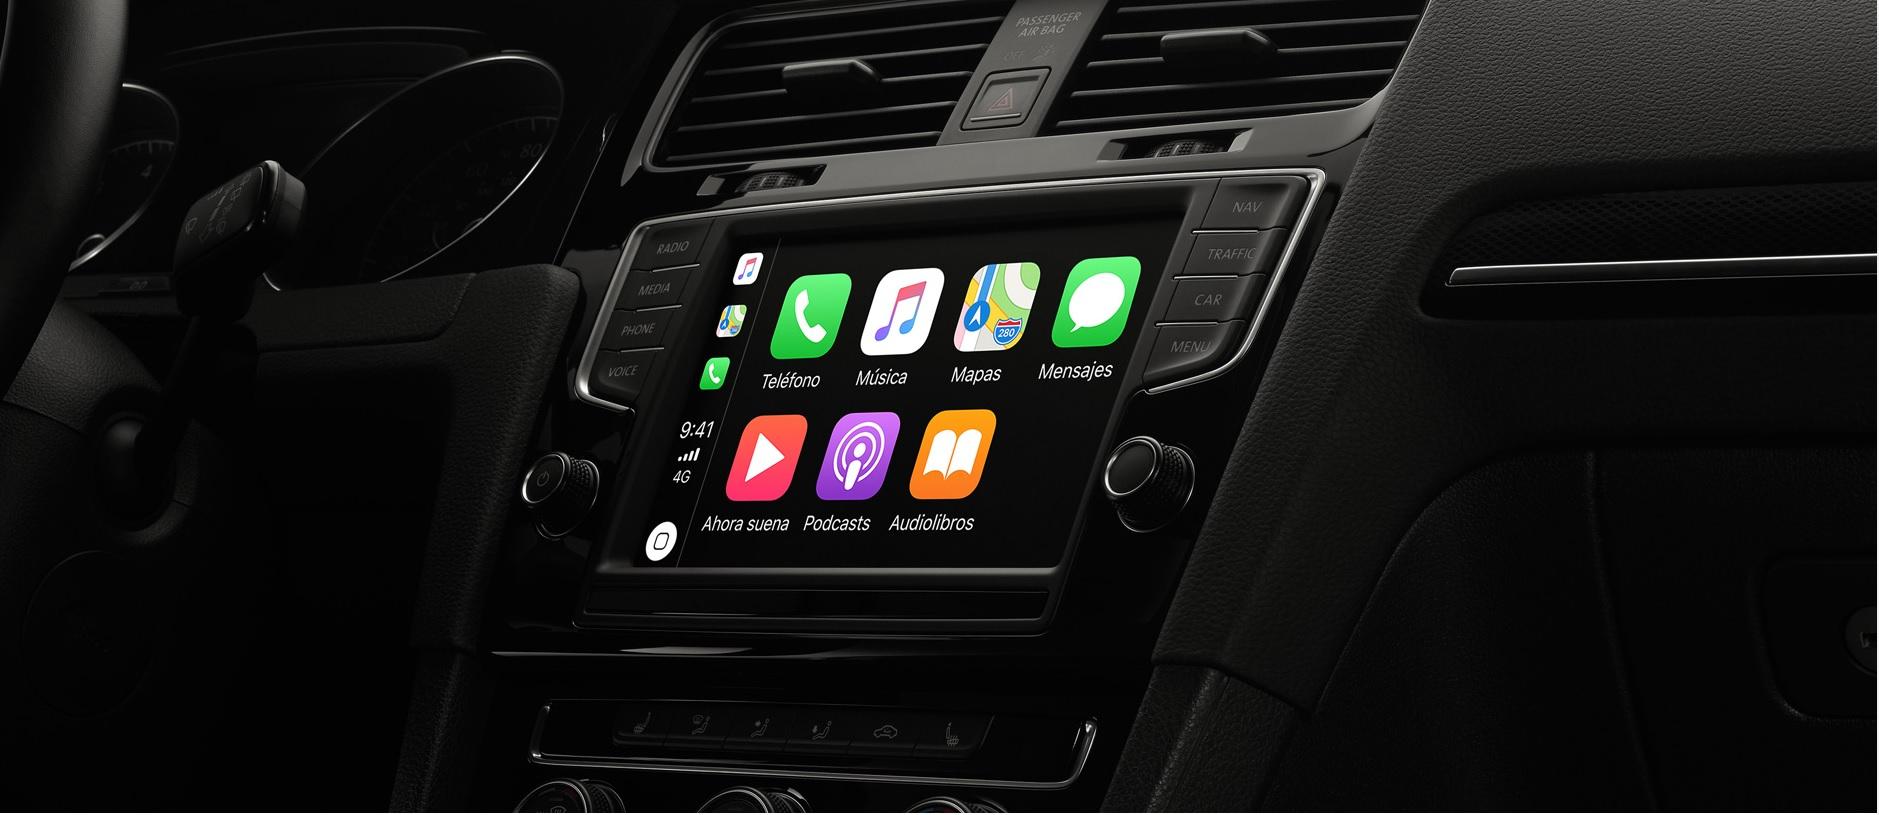 Las aplicaciones para vehículo le brindan la posibilidad acceder a su teléfono de forma segura mientras conduce. (Foto Prensa Libe: Apple.com)